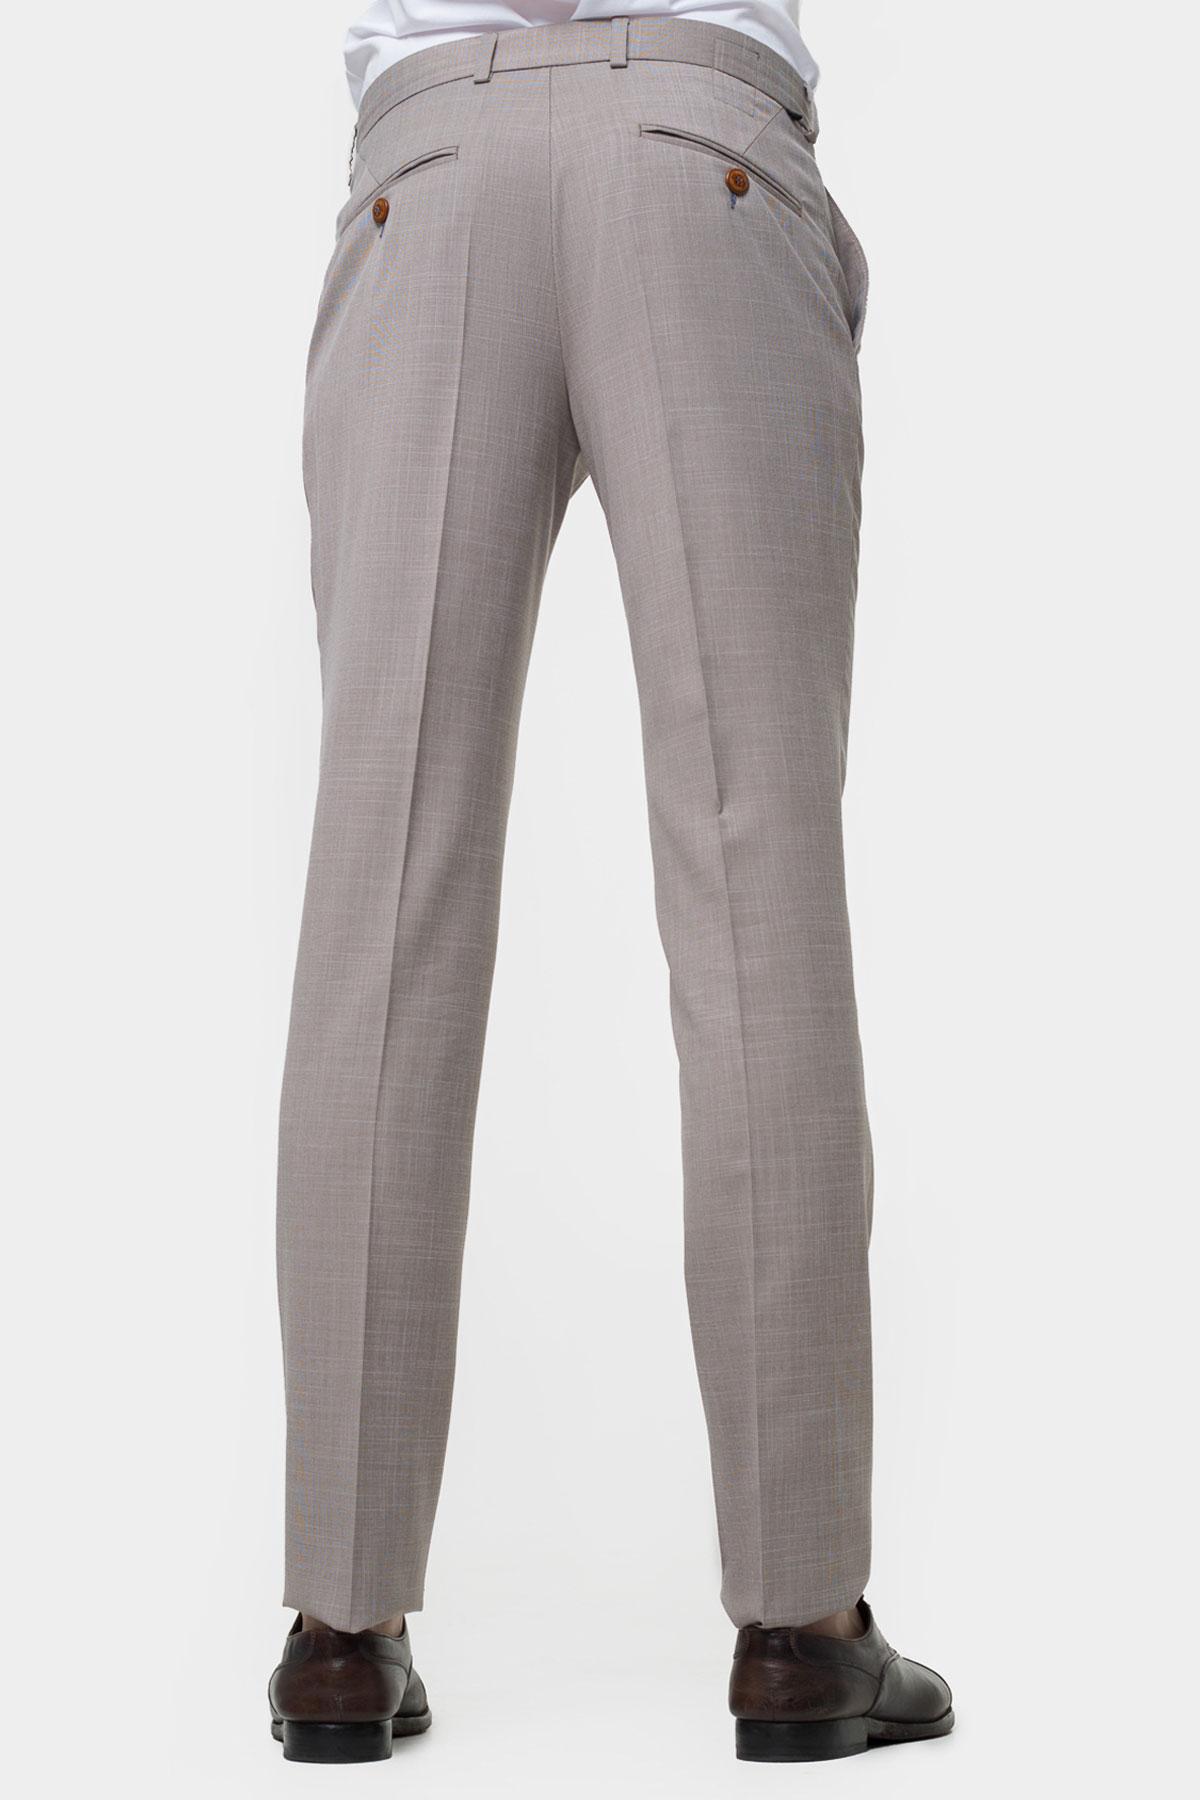 Зауженные брюки классического кроя  Vaismann  21405